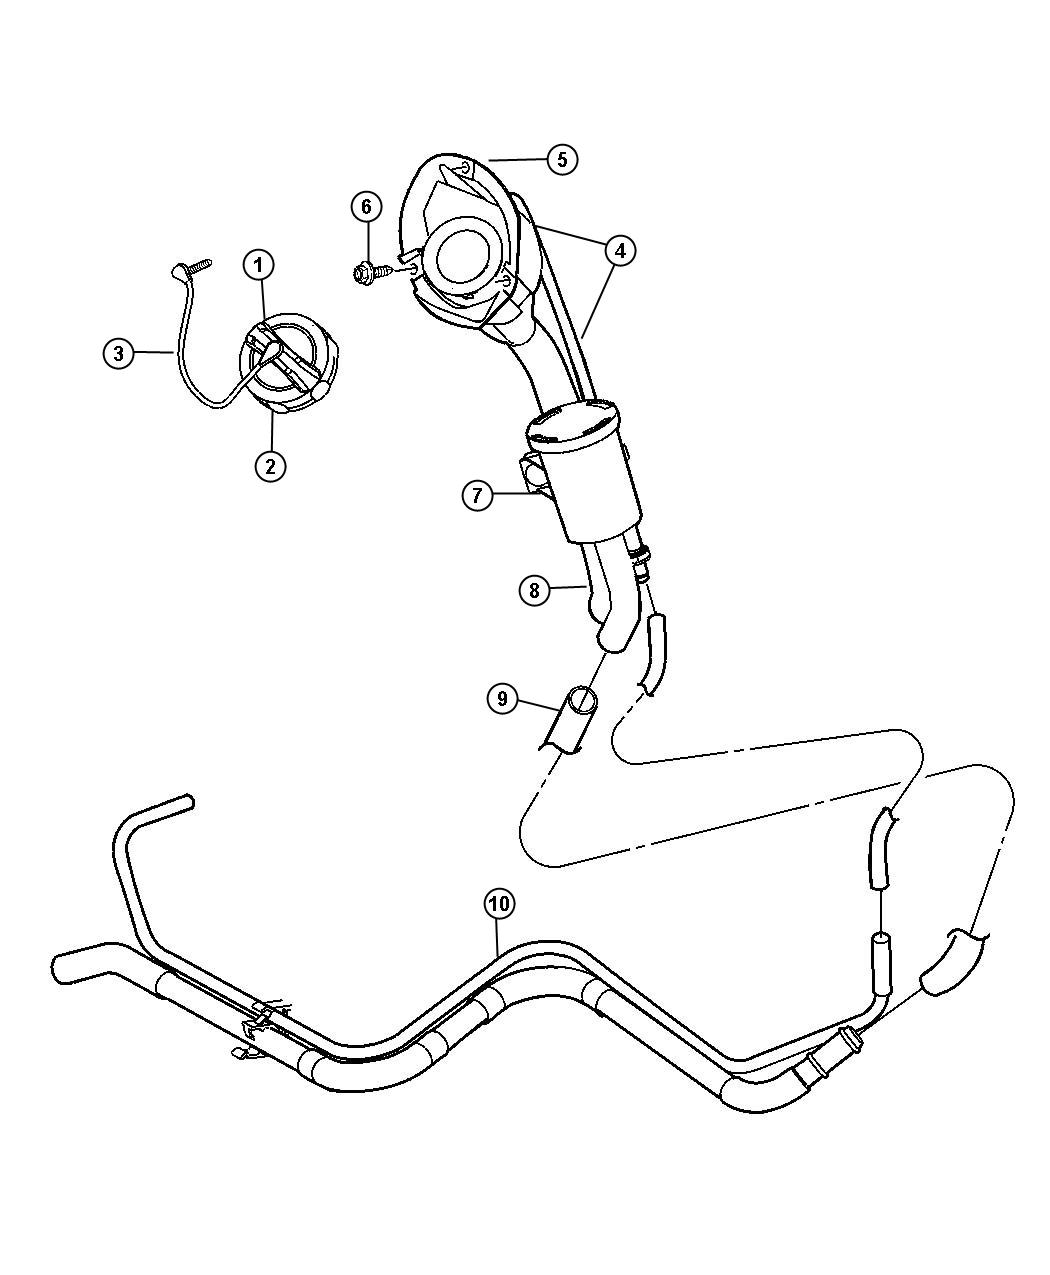 Jeep Liberty Filter Fuel Vapor Vent Leak Detection Pump